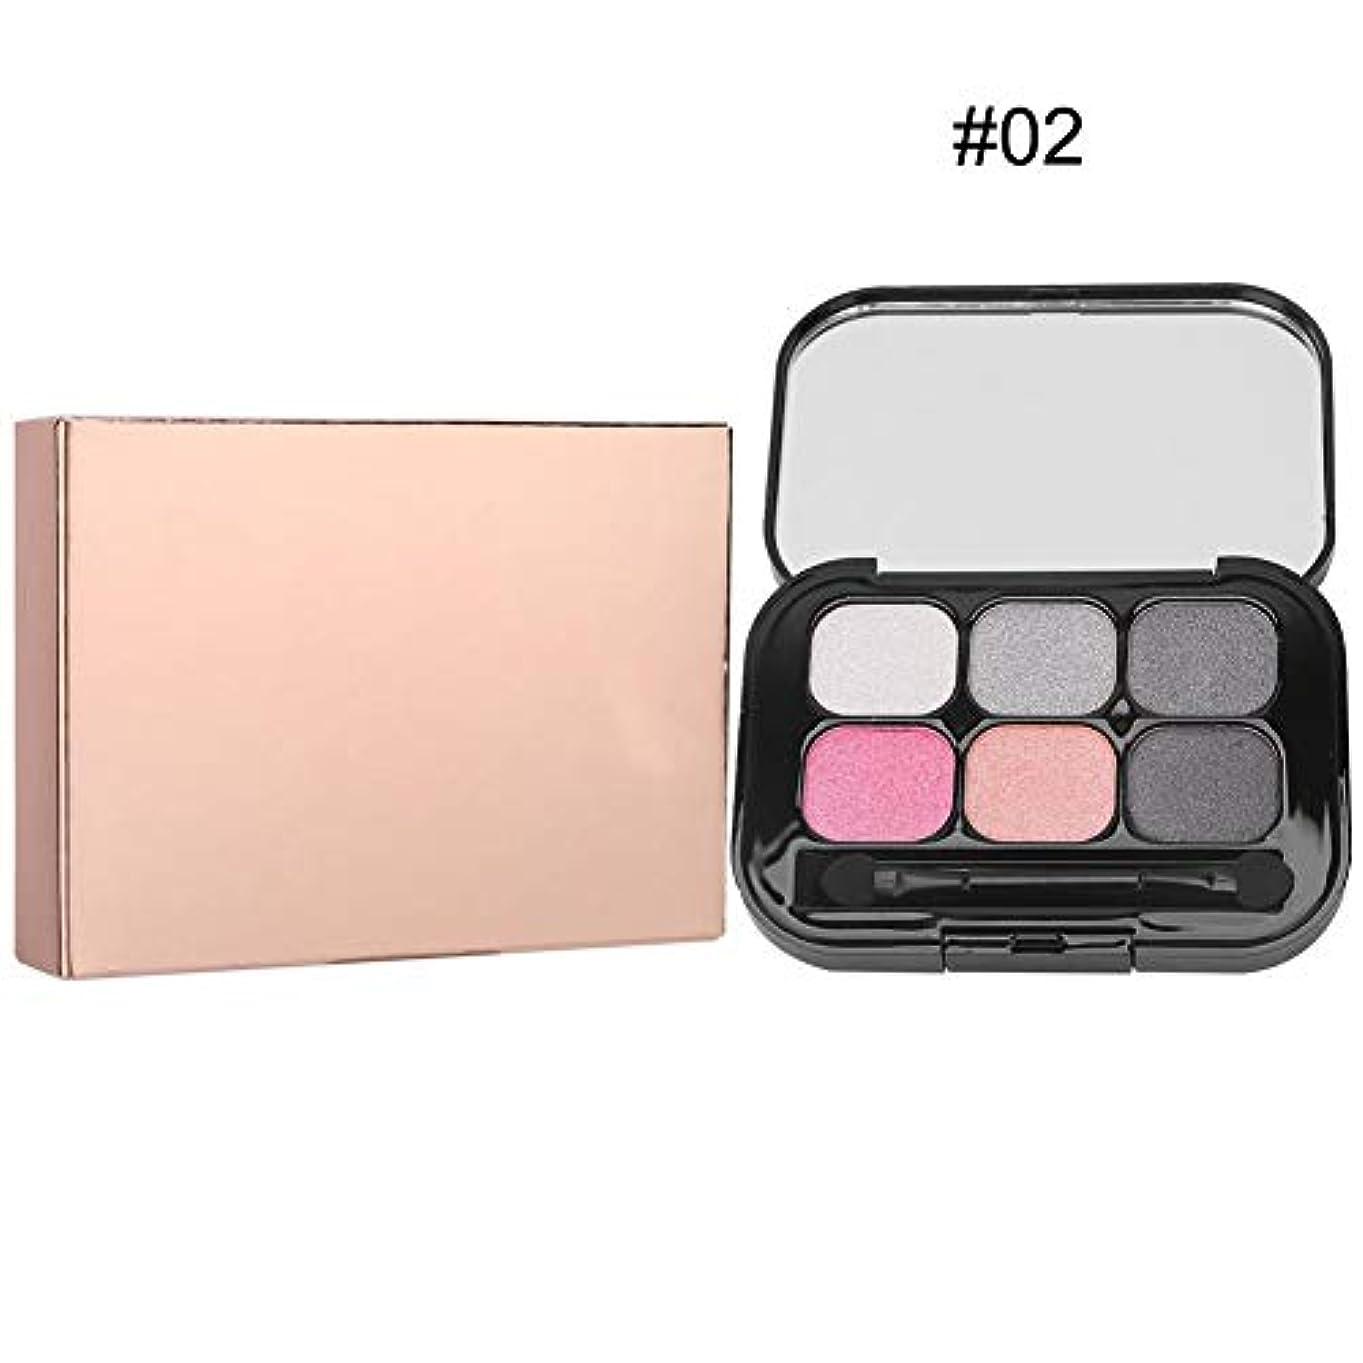 出席ブレーク避ける16色 アイシャドウパレット アイシャドウパレット 化粧マット グロス アイシャドウパウダー 化粧品ツール (02)